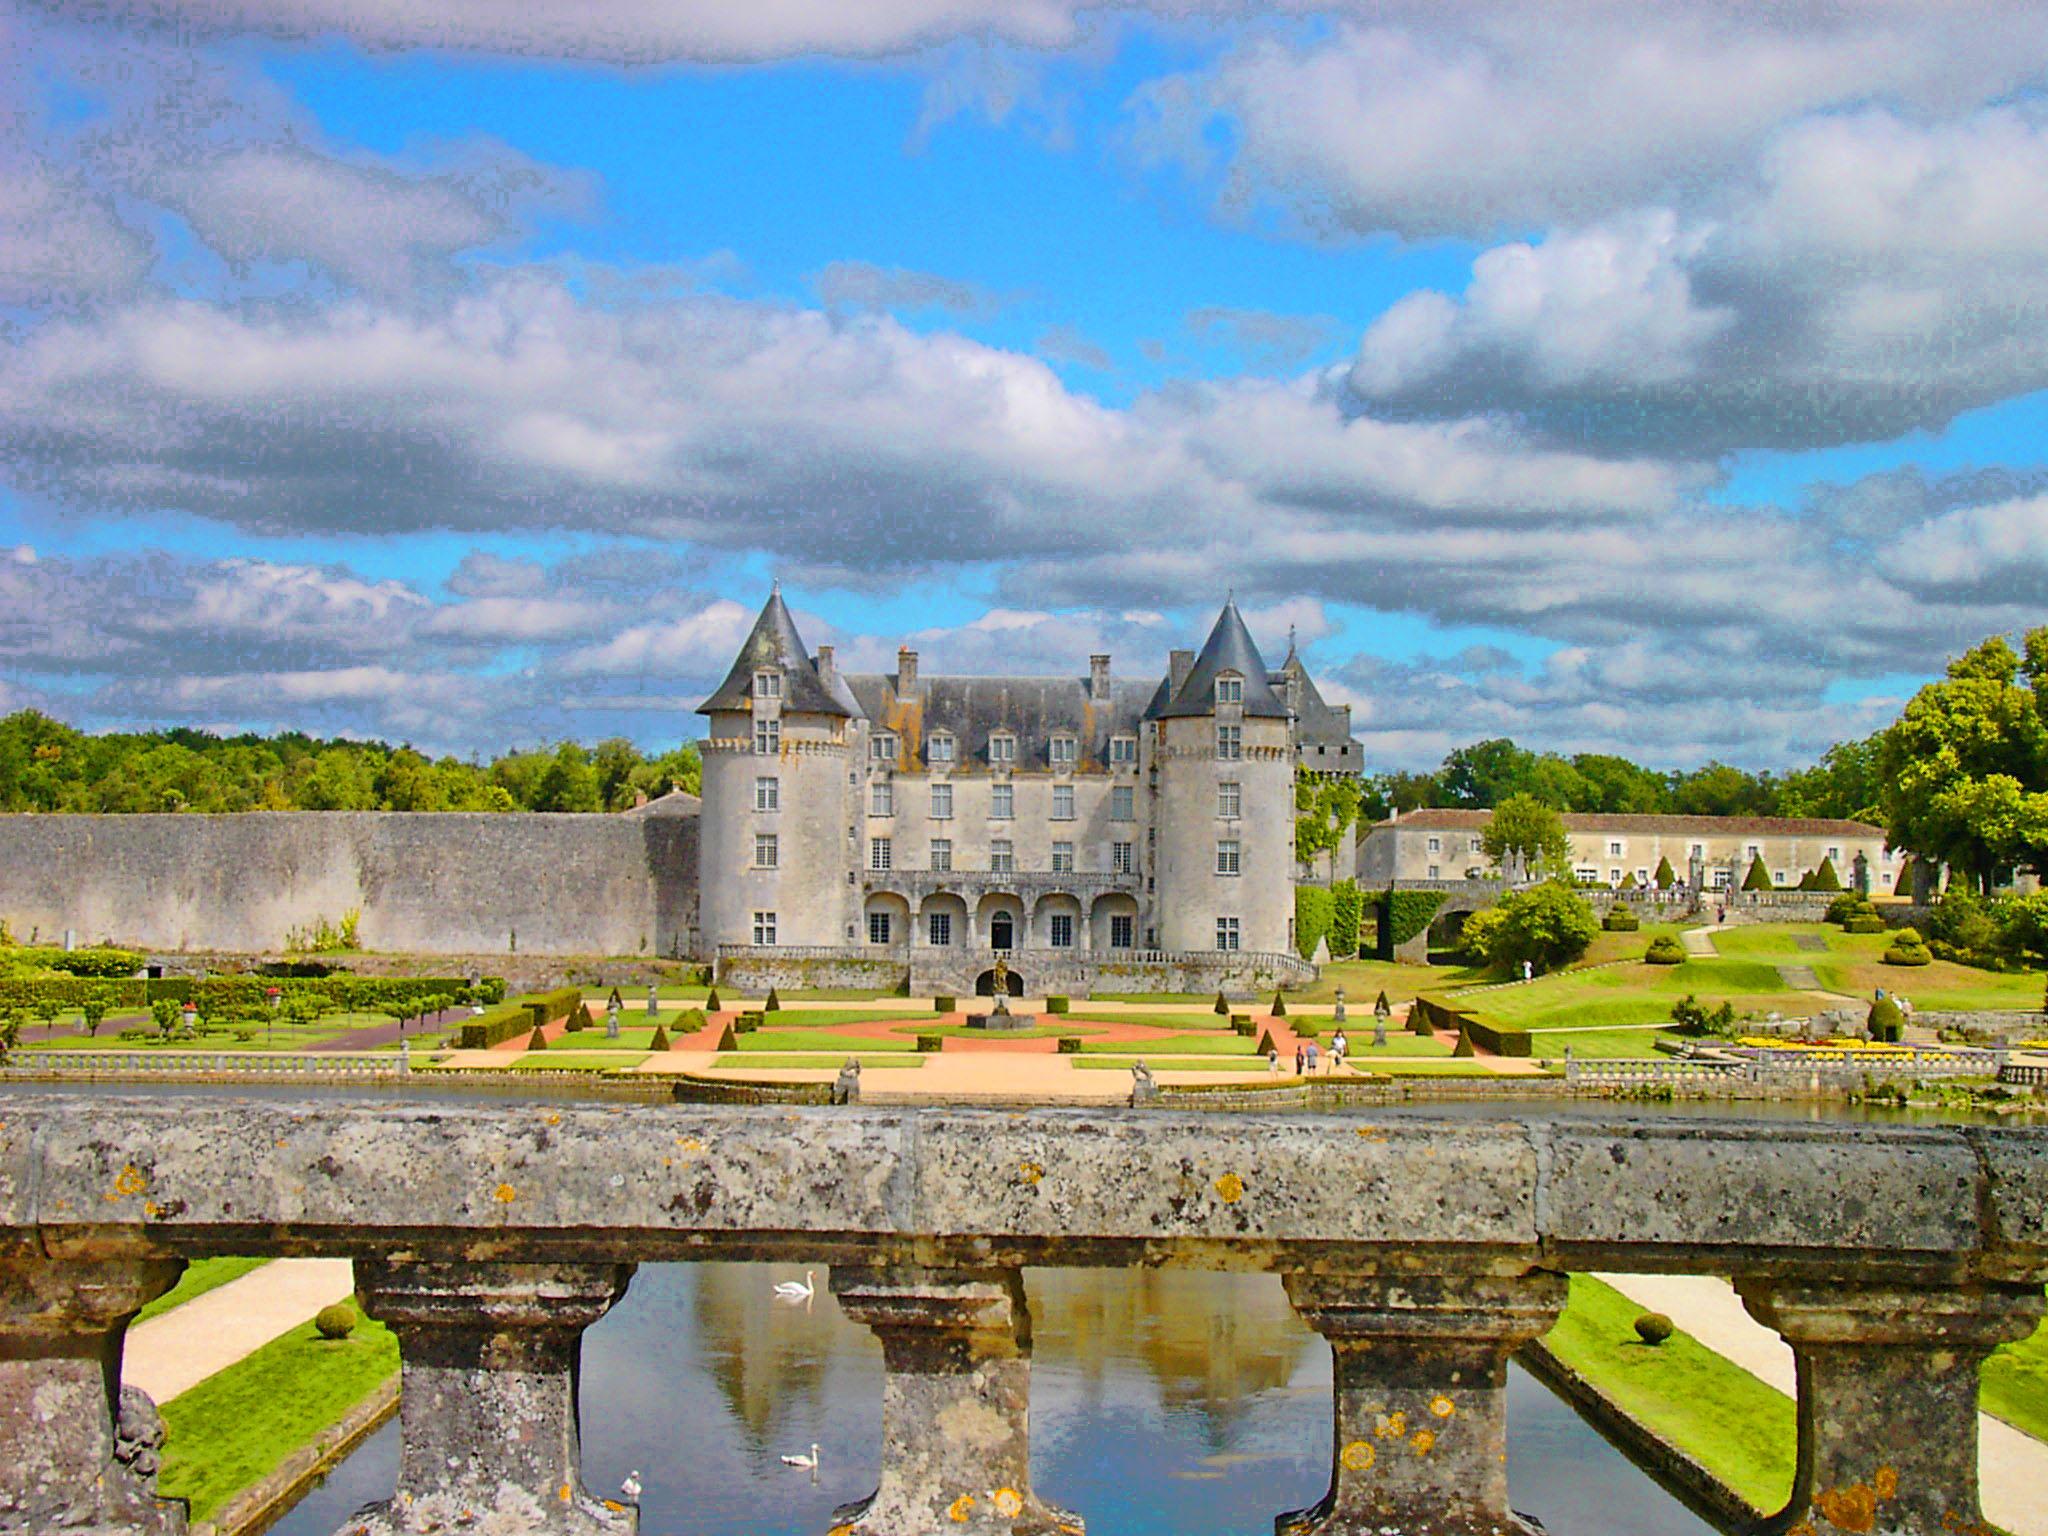 region de saintes le chateau de la roche gourbon une photo de saintes. Black Bedroom Furniture Sets. Home Design Ideas